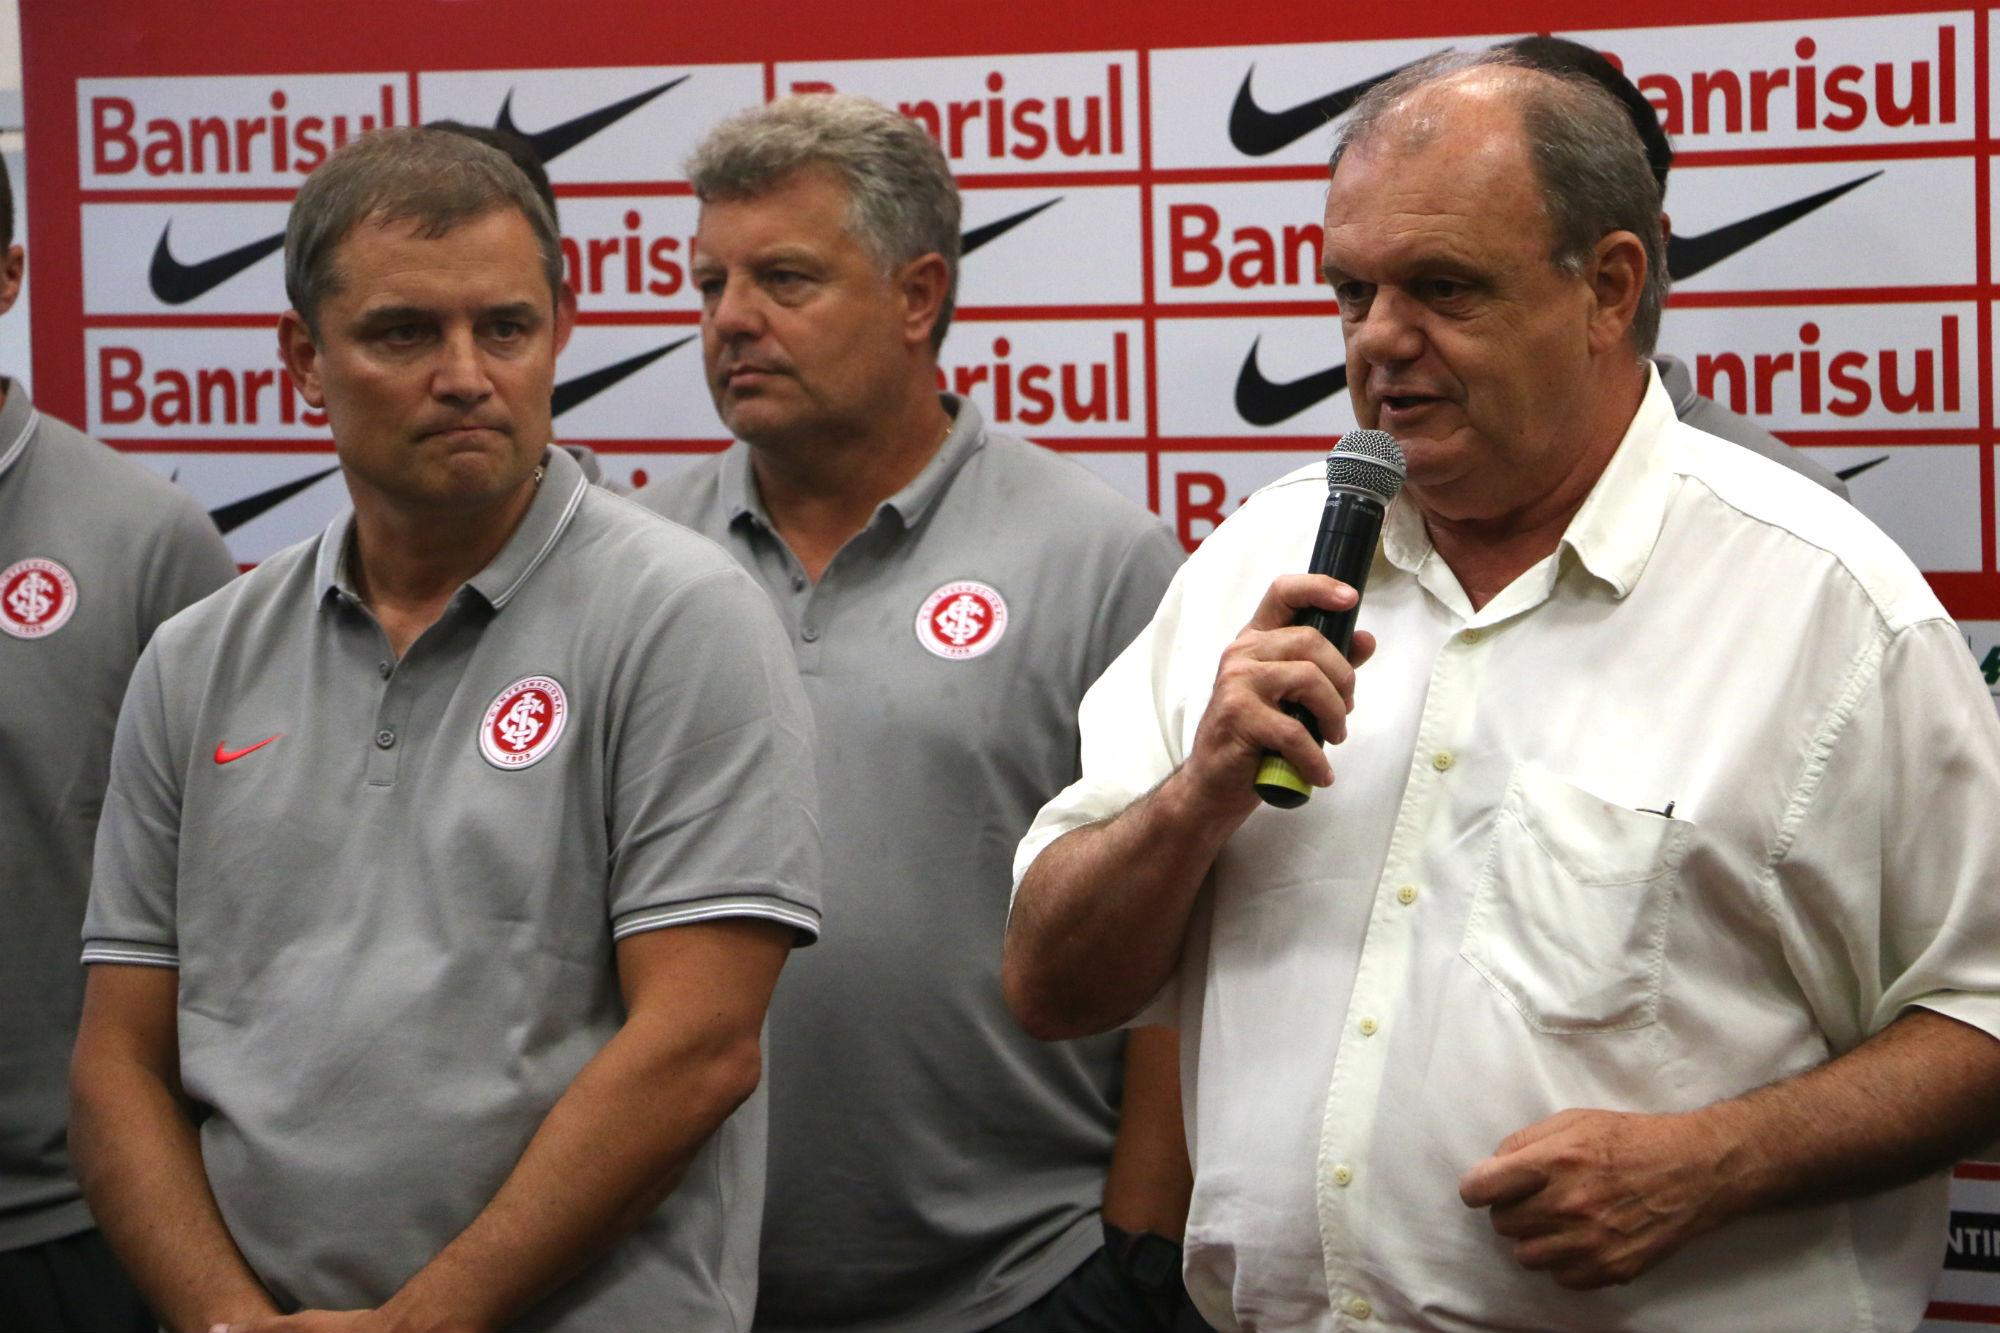 Inter evita falar em novo vice, e Piffero se junta ao futebol e acumula ... - Globo.com